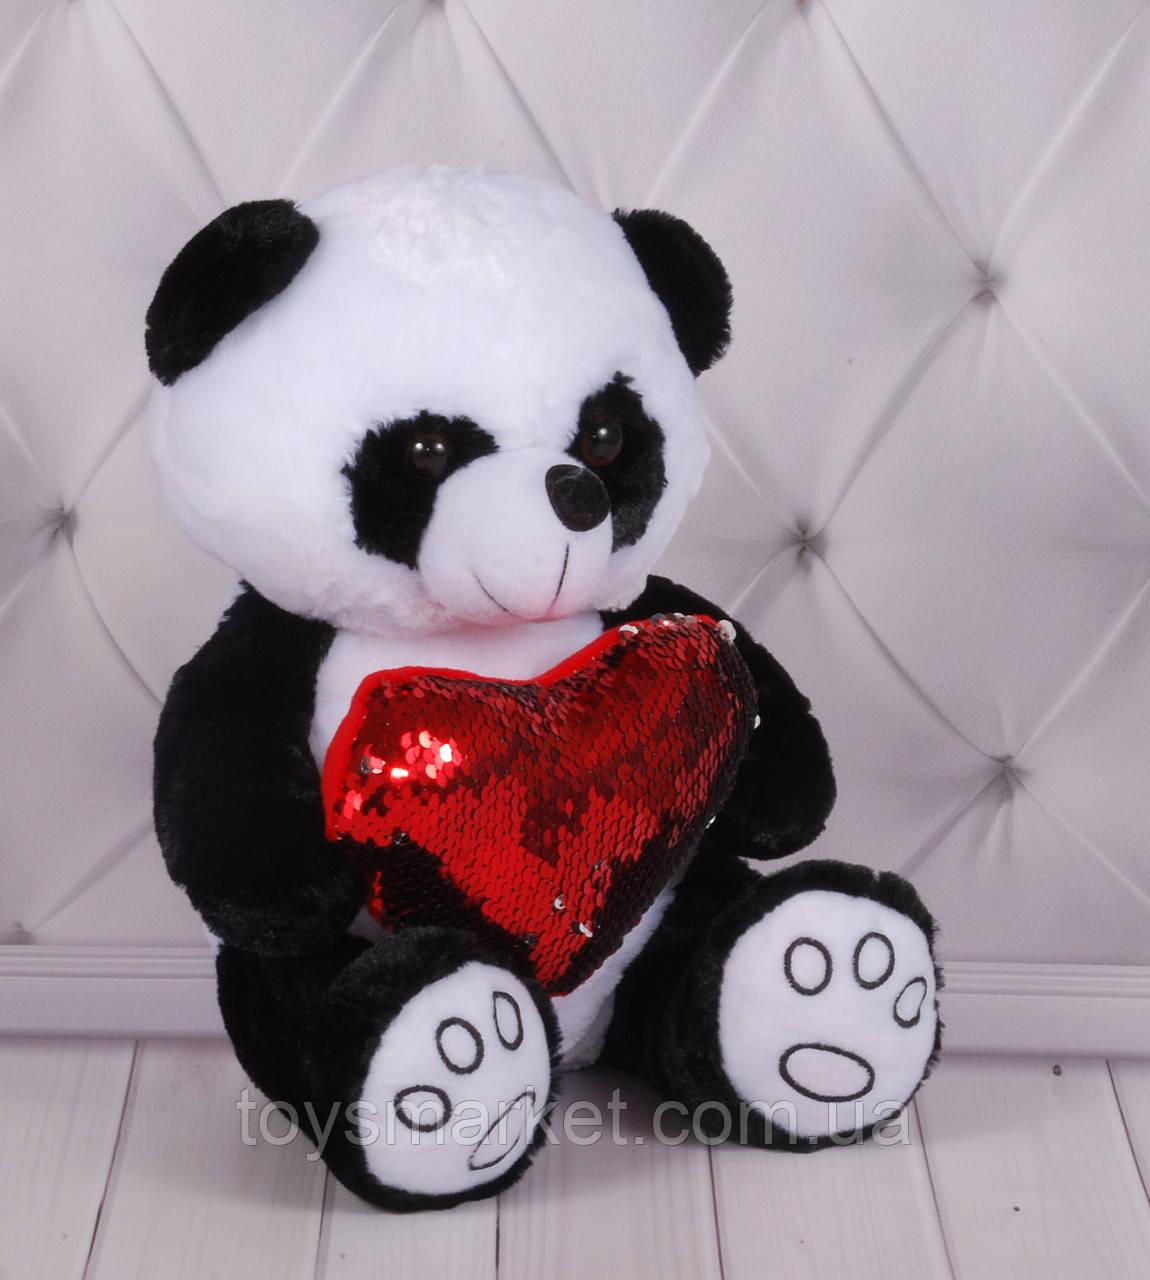 """Плюшевый медвежонок """"Панда"""", мягкий медведь в наличии, мишка от фабрики"""